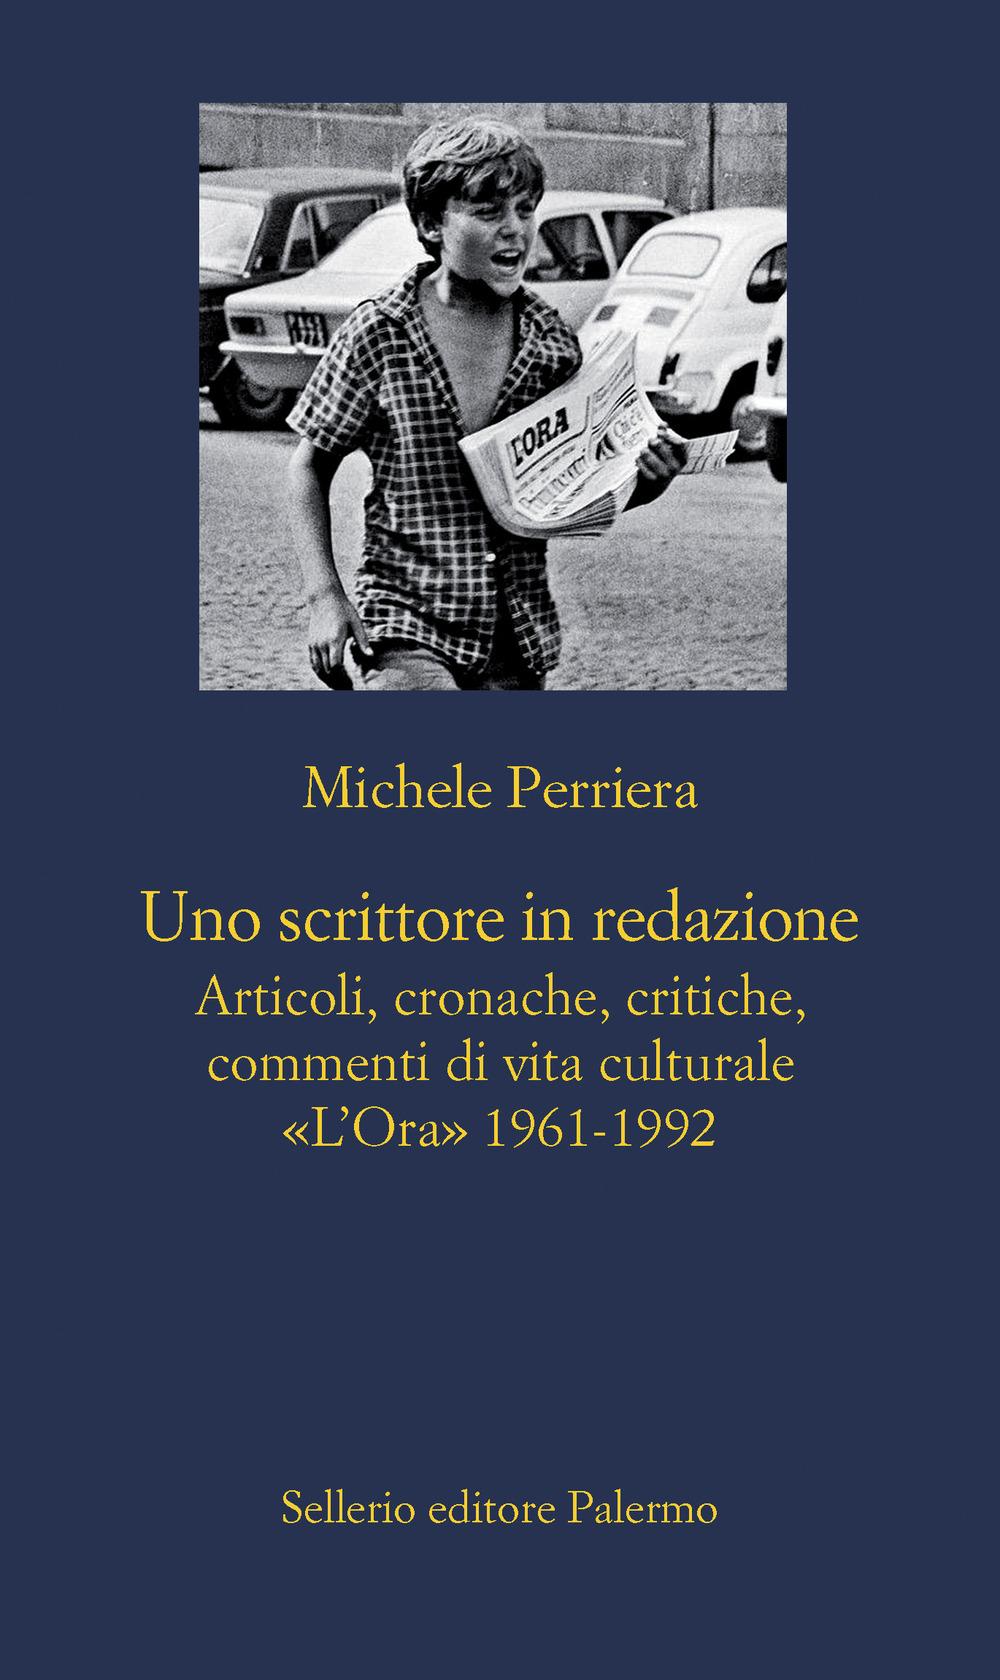 Uno scrittore in redazione. Articoli, cronache, critiche, commenti di vita culturale. «L'Ora» 1961-1992